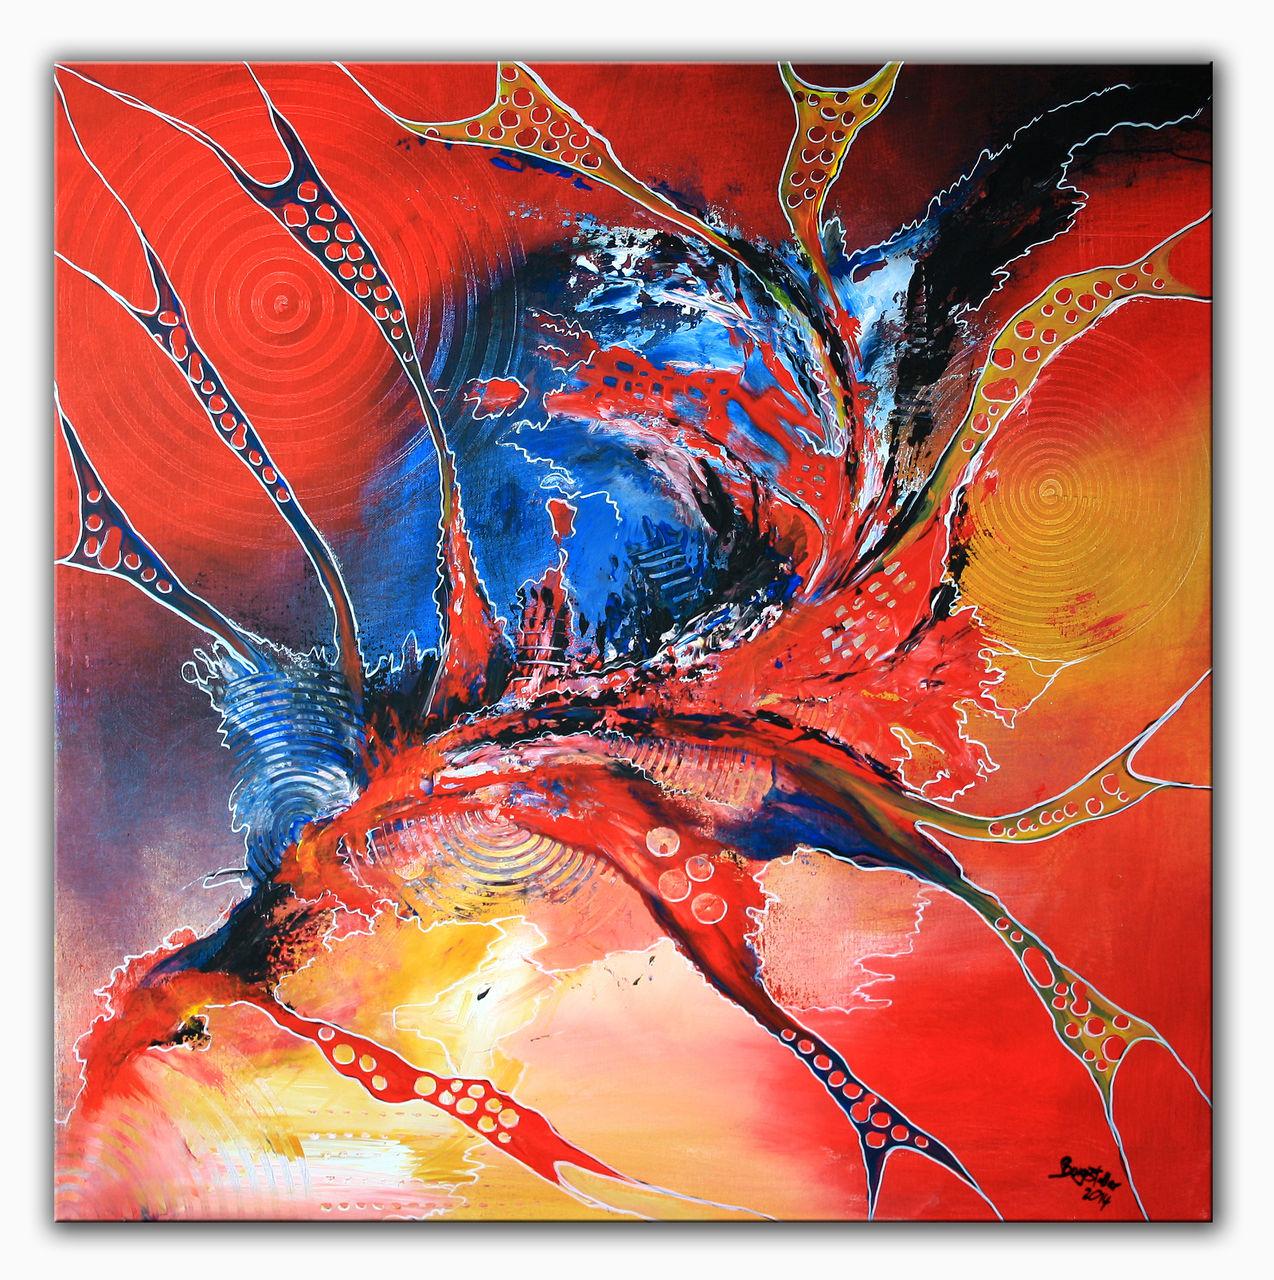 Bild: Modern, Gemälde, Künstler, Abstrakte kunst von Alex B bei KunstNet